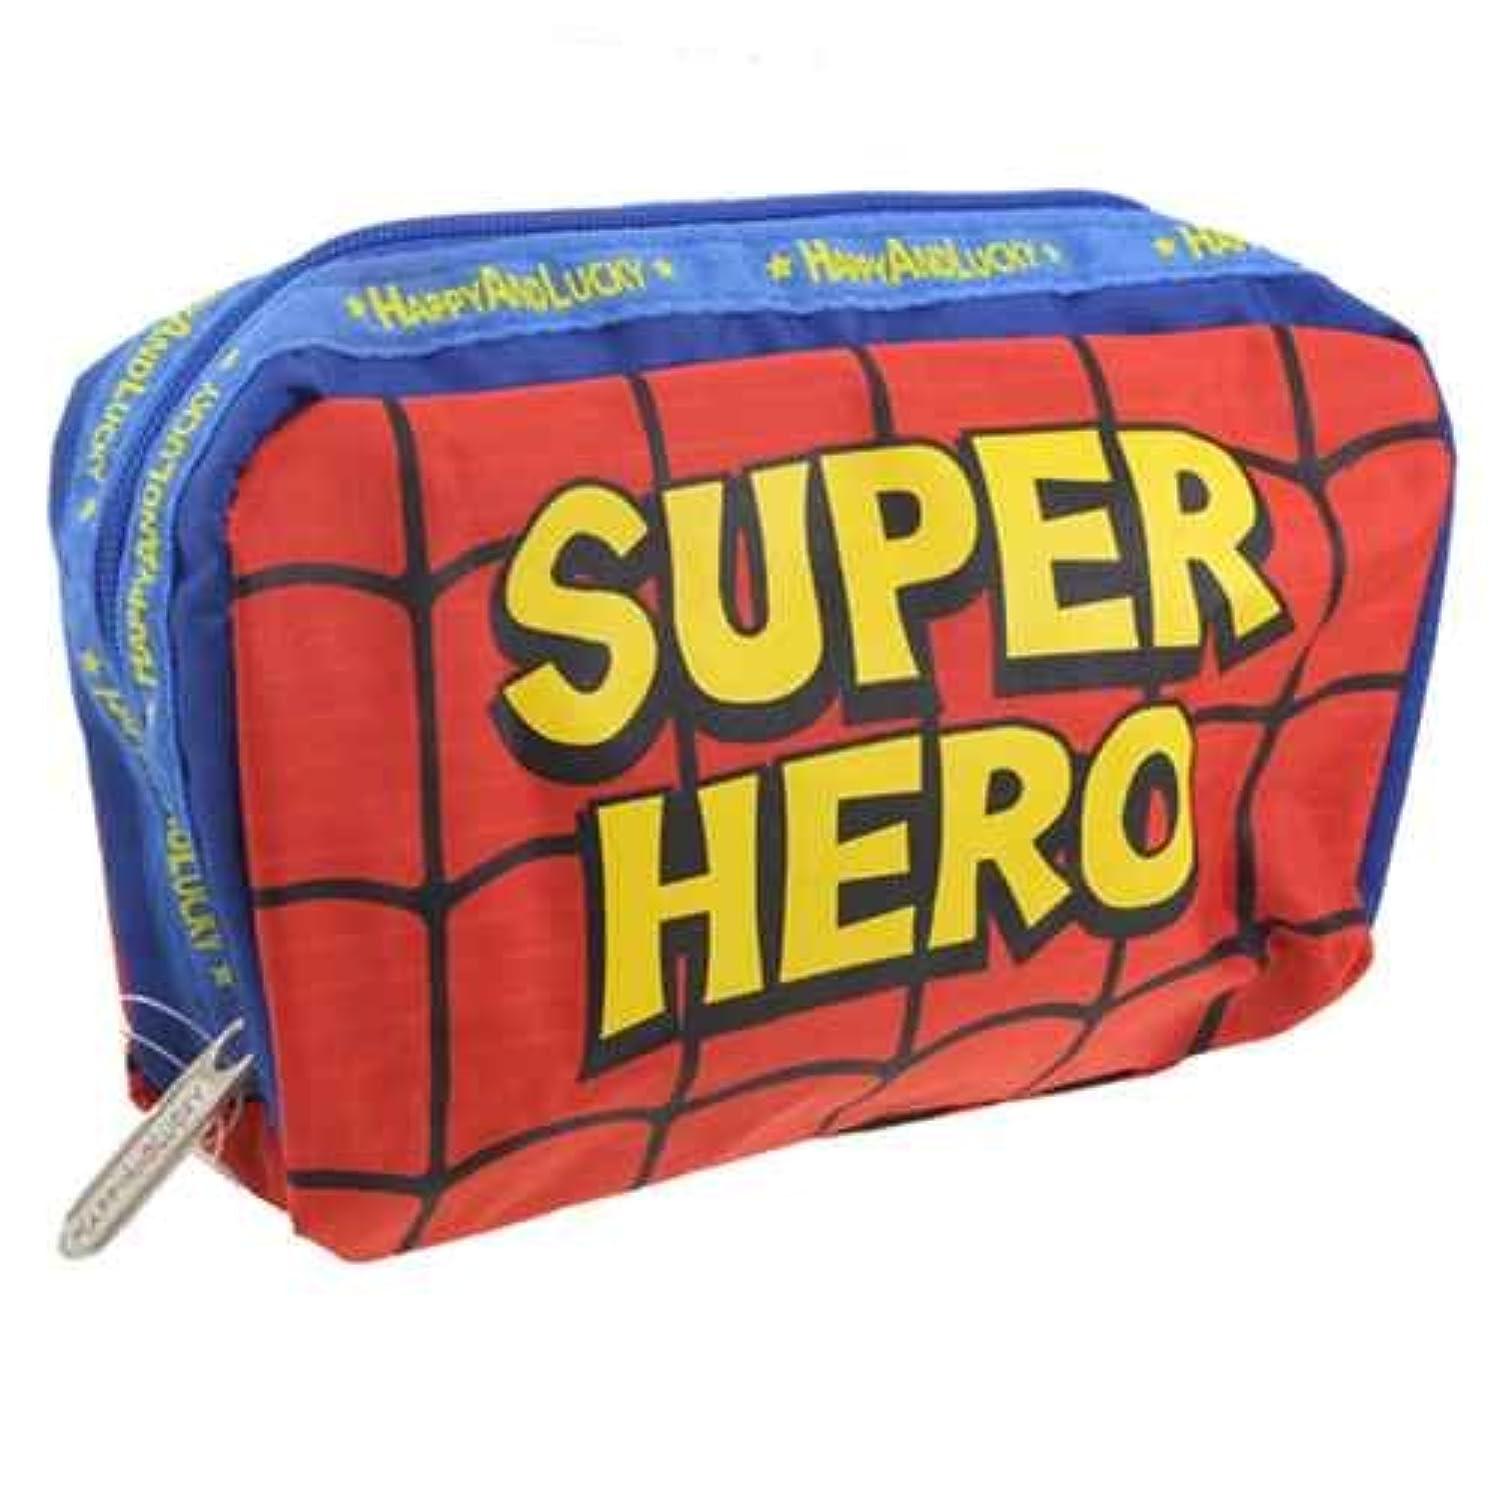 避けられない不機嫌そうな立場SUPER HERO/スーパーヒーロー スクエアポーチ可愛いコスメポーチ(小物入れ)通販/